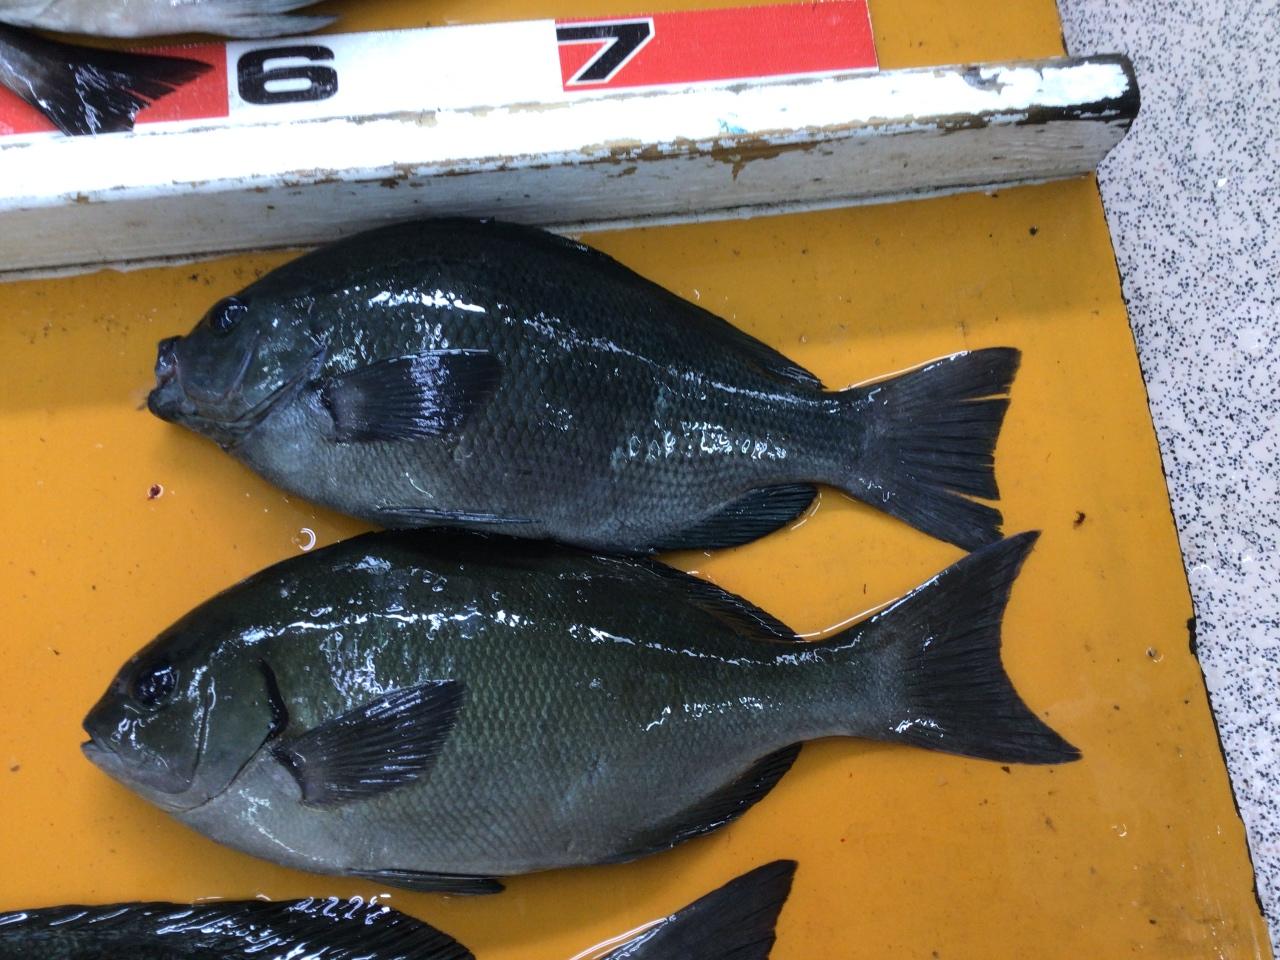 この魚の違い分かりますか? 同じように見えますが別種類の魚です。